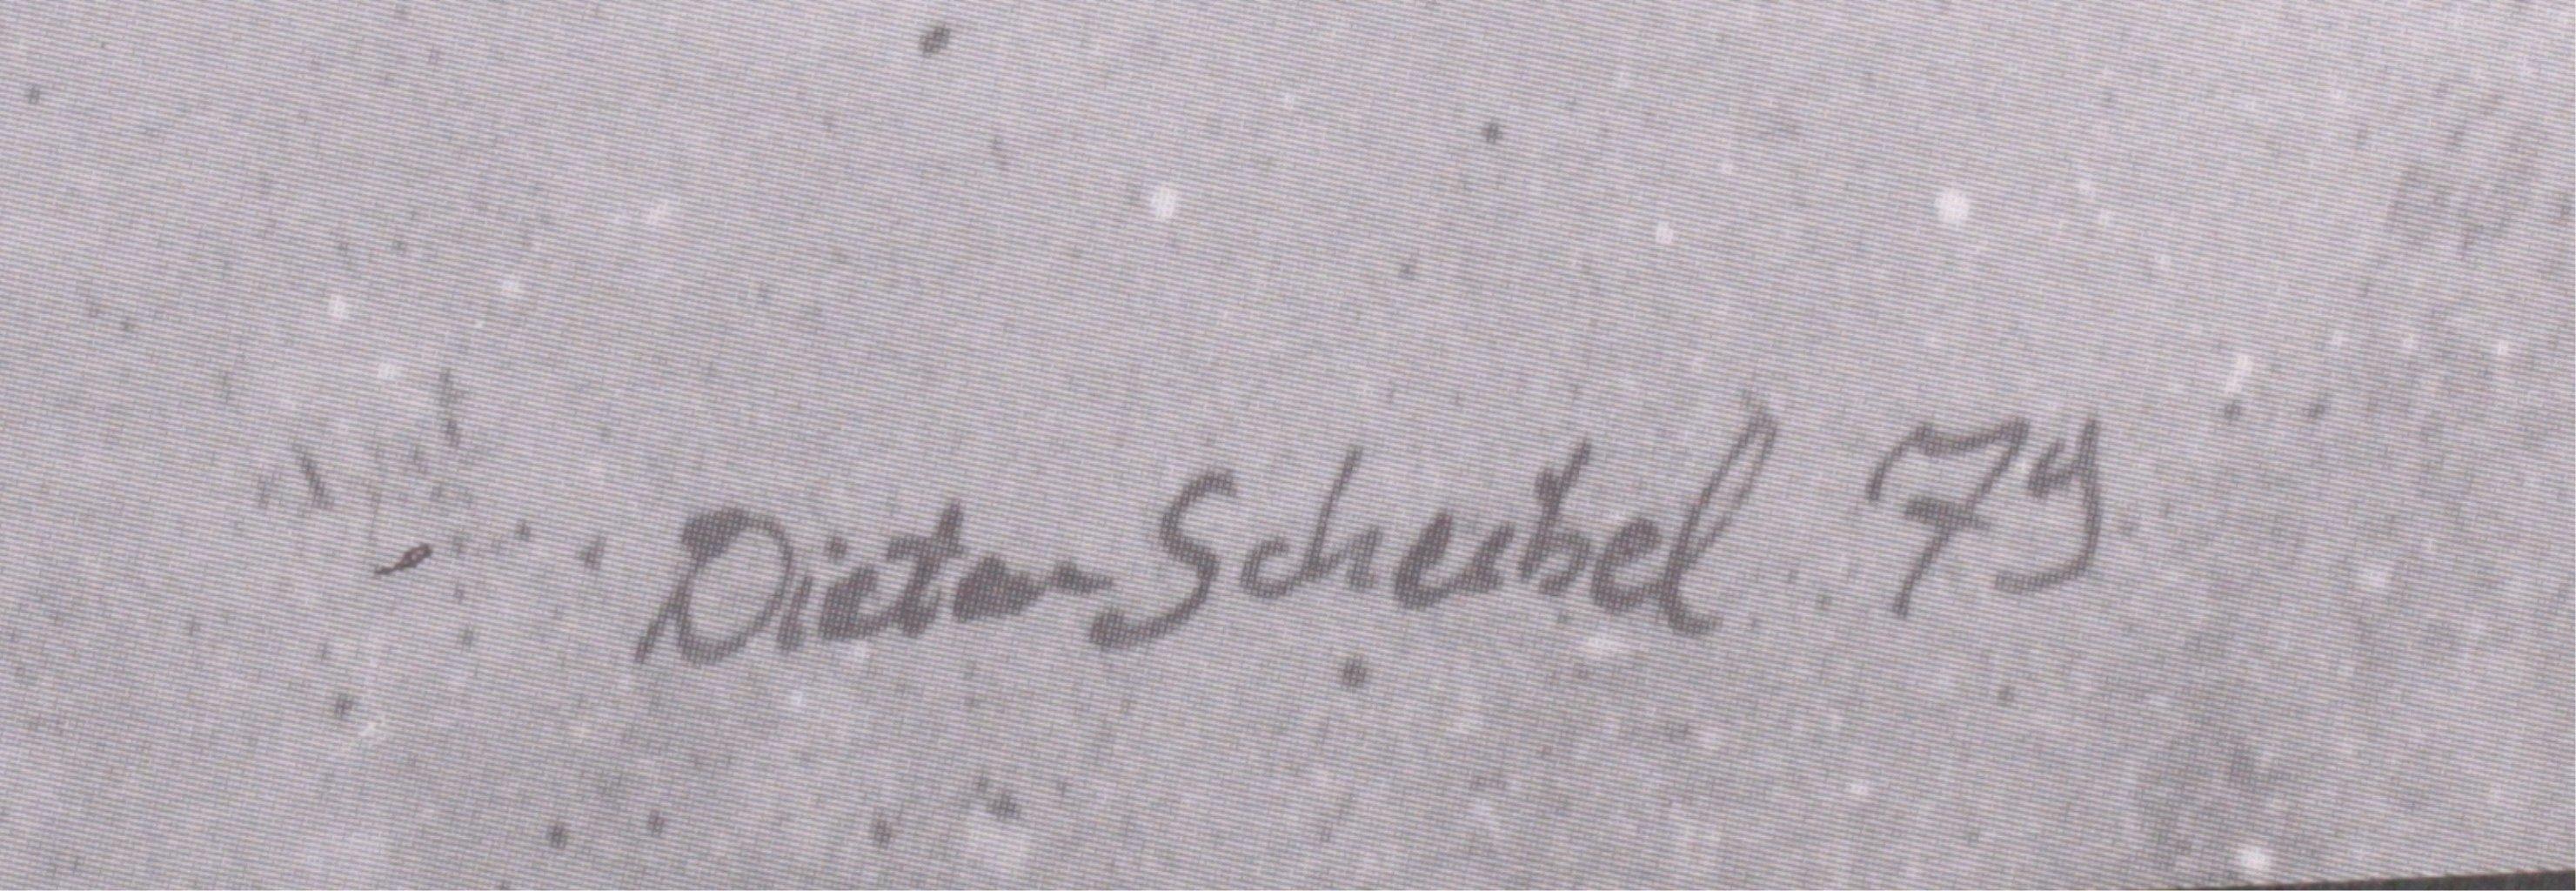 Plakat Dieter Scherbel-1